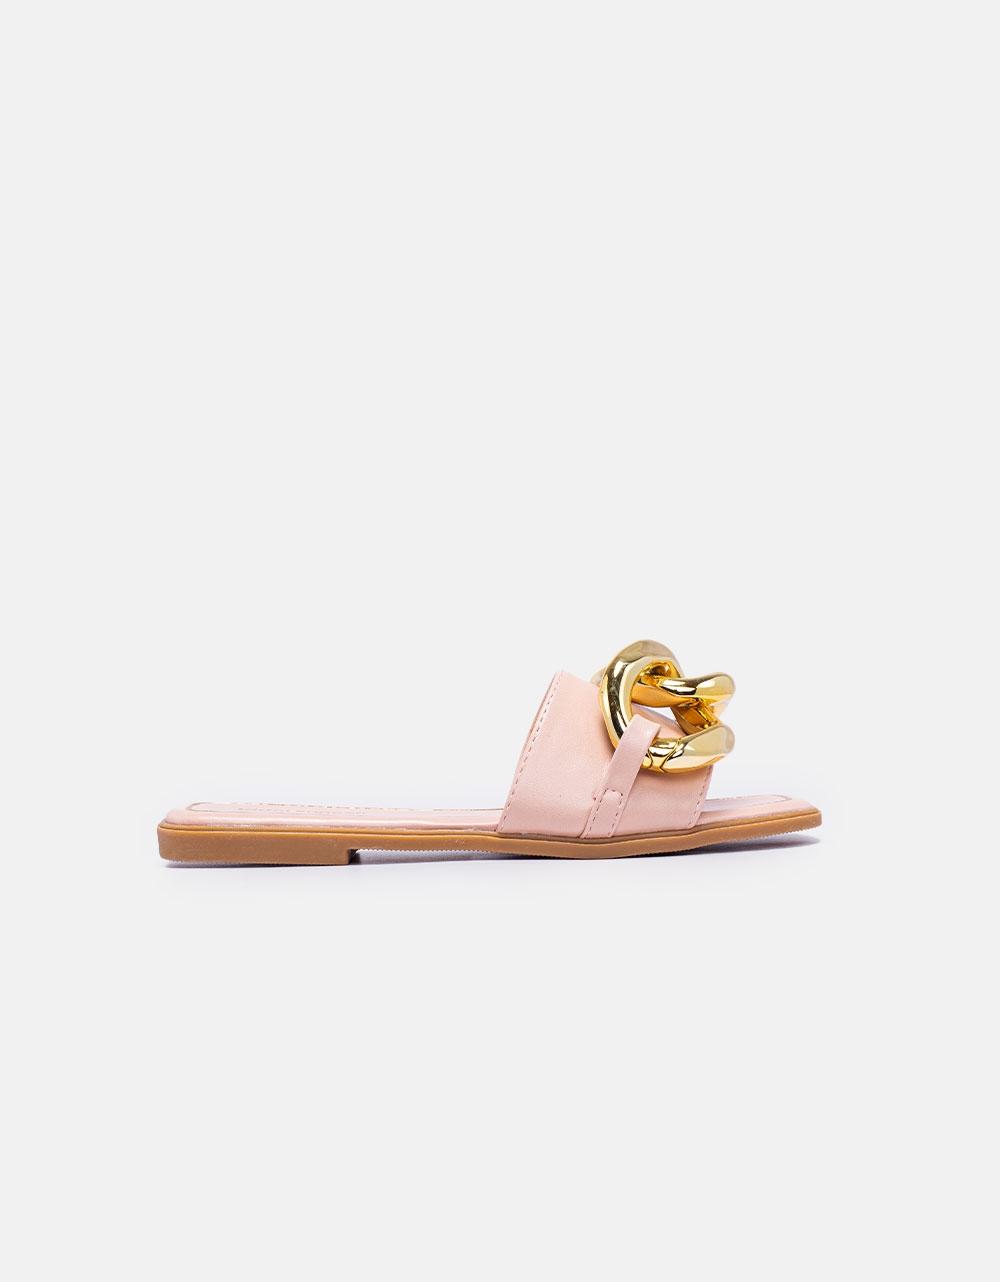 Εικόνα από Γυναικεία σανδάλια με μεταλλικό κρίκο Ροζ